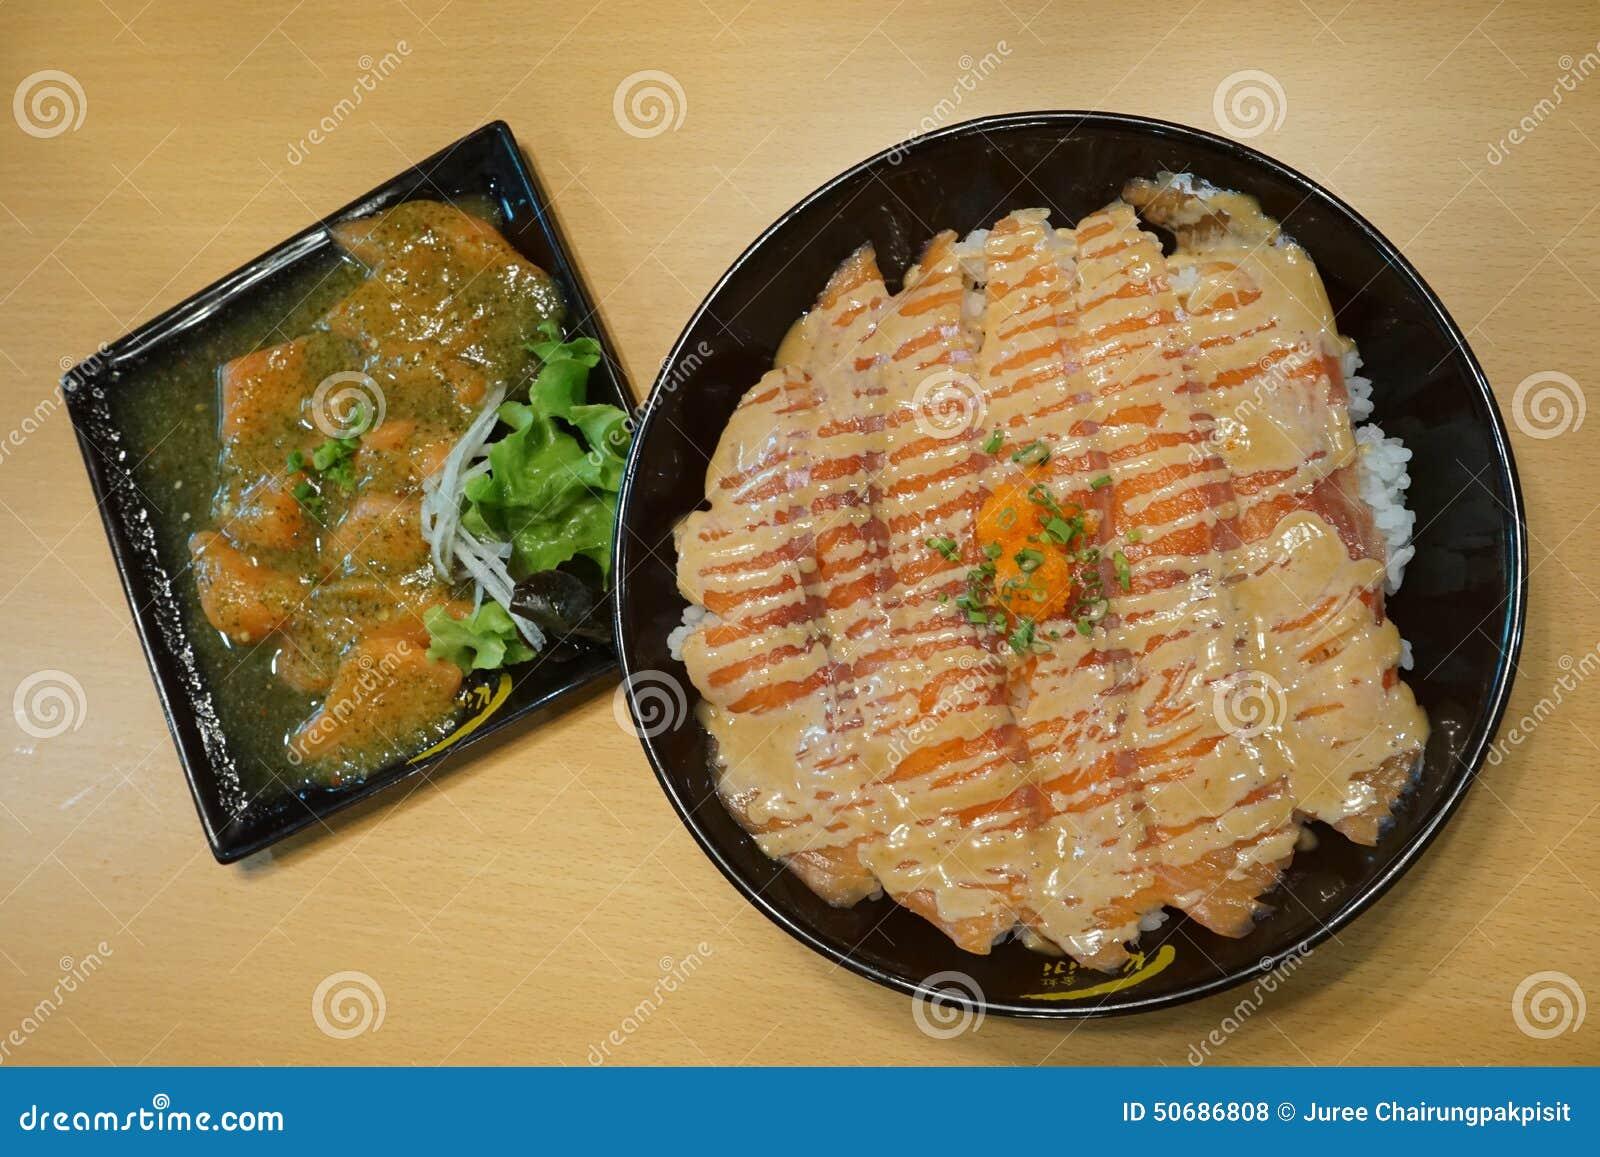 Download 食物 库存照片. 图片 包括有 三文鱼, 沙拉, 蔬菜, 食物 - 50686808